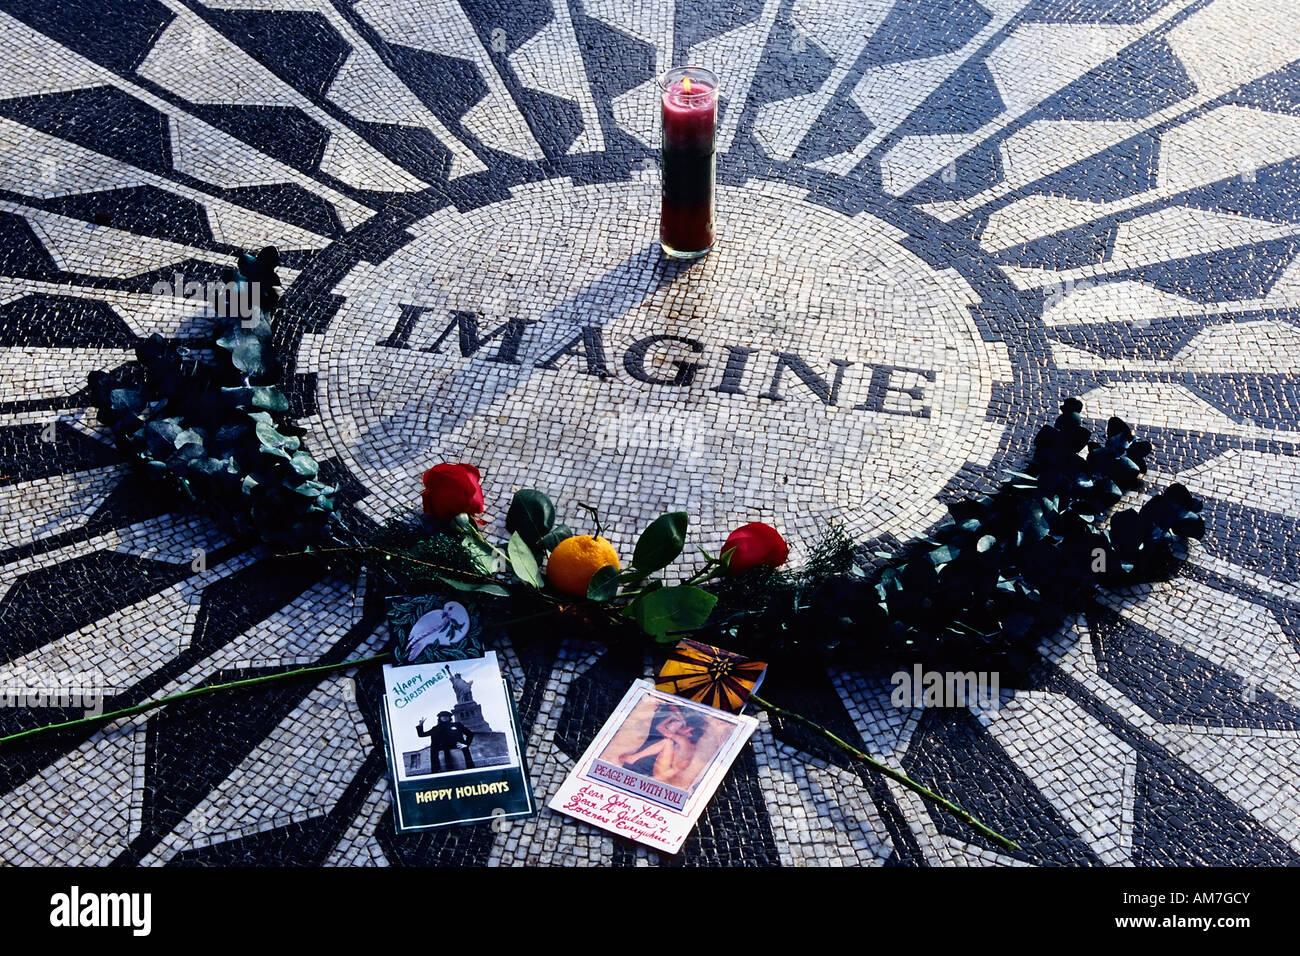 Site commémoratif décoré pour John Lennon, Strawberry Fields, Central Park, New York City, États-Unis Banque D'Images